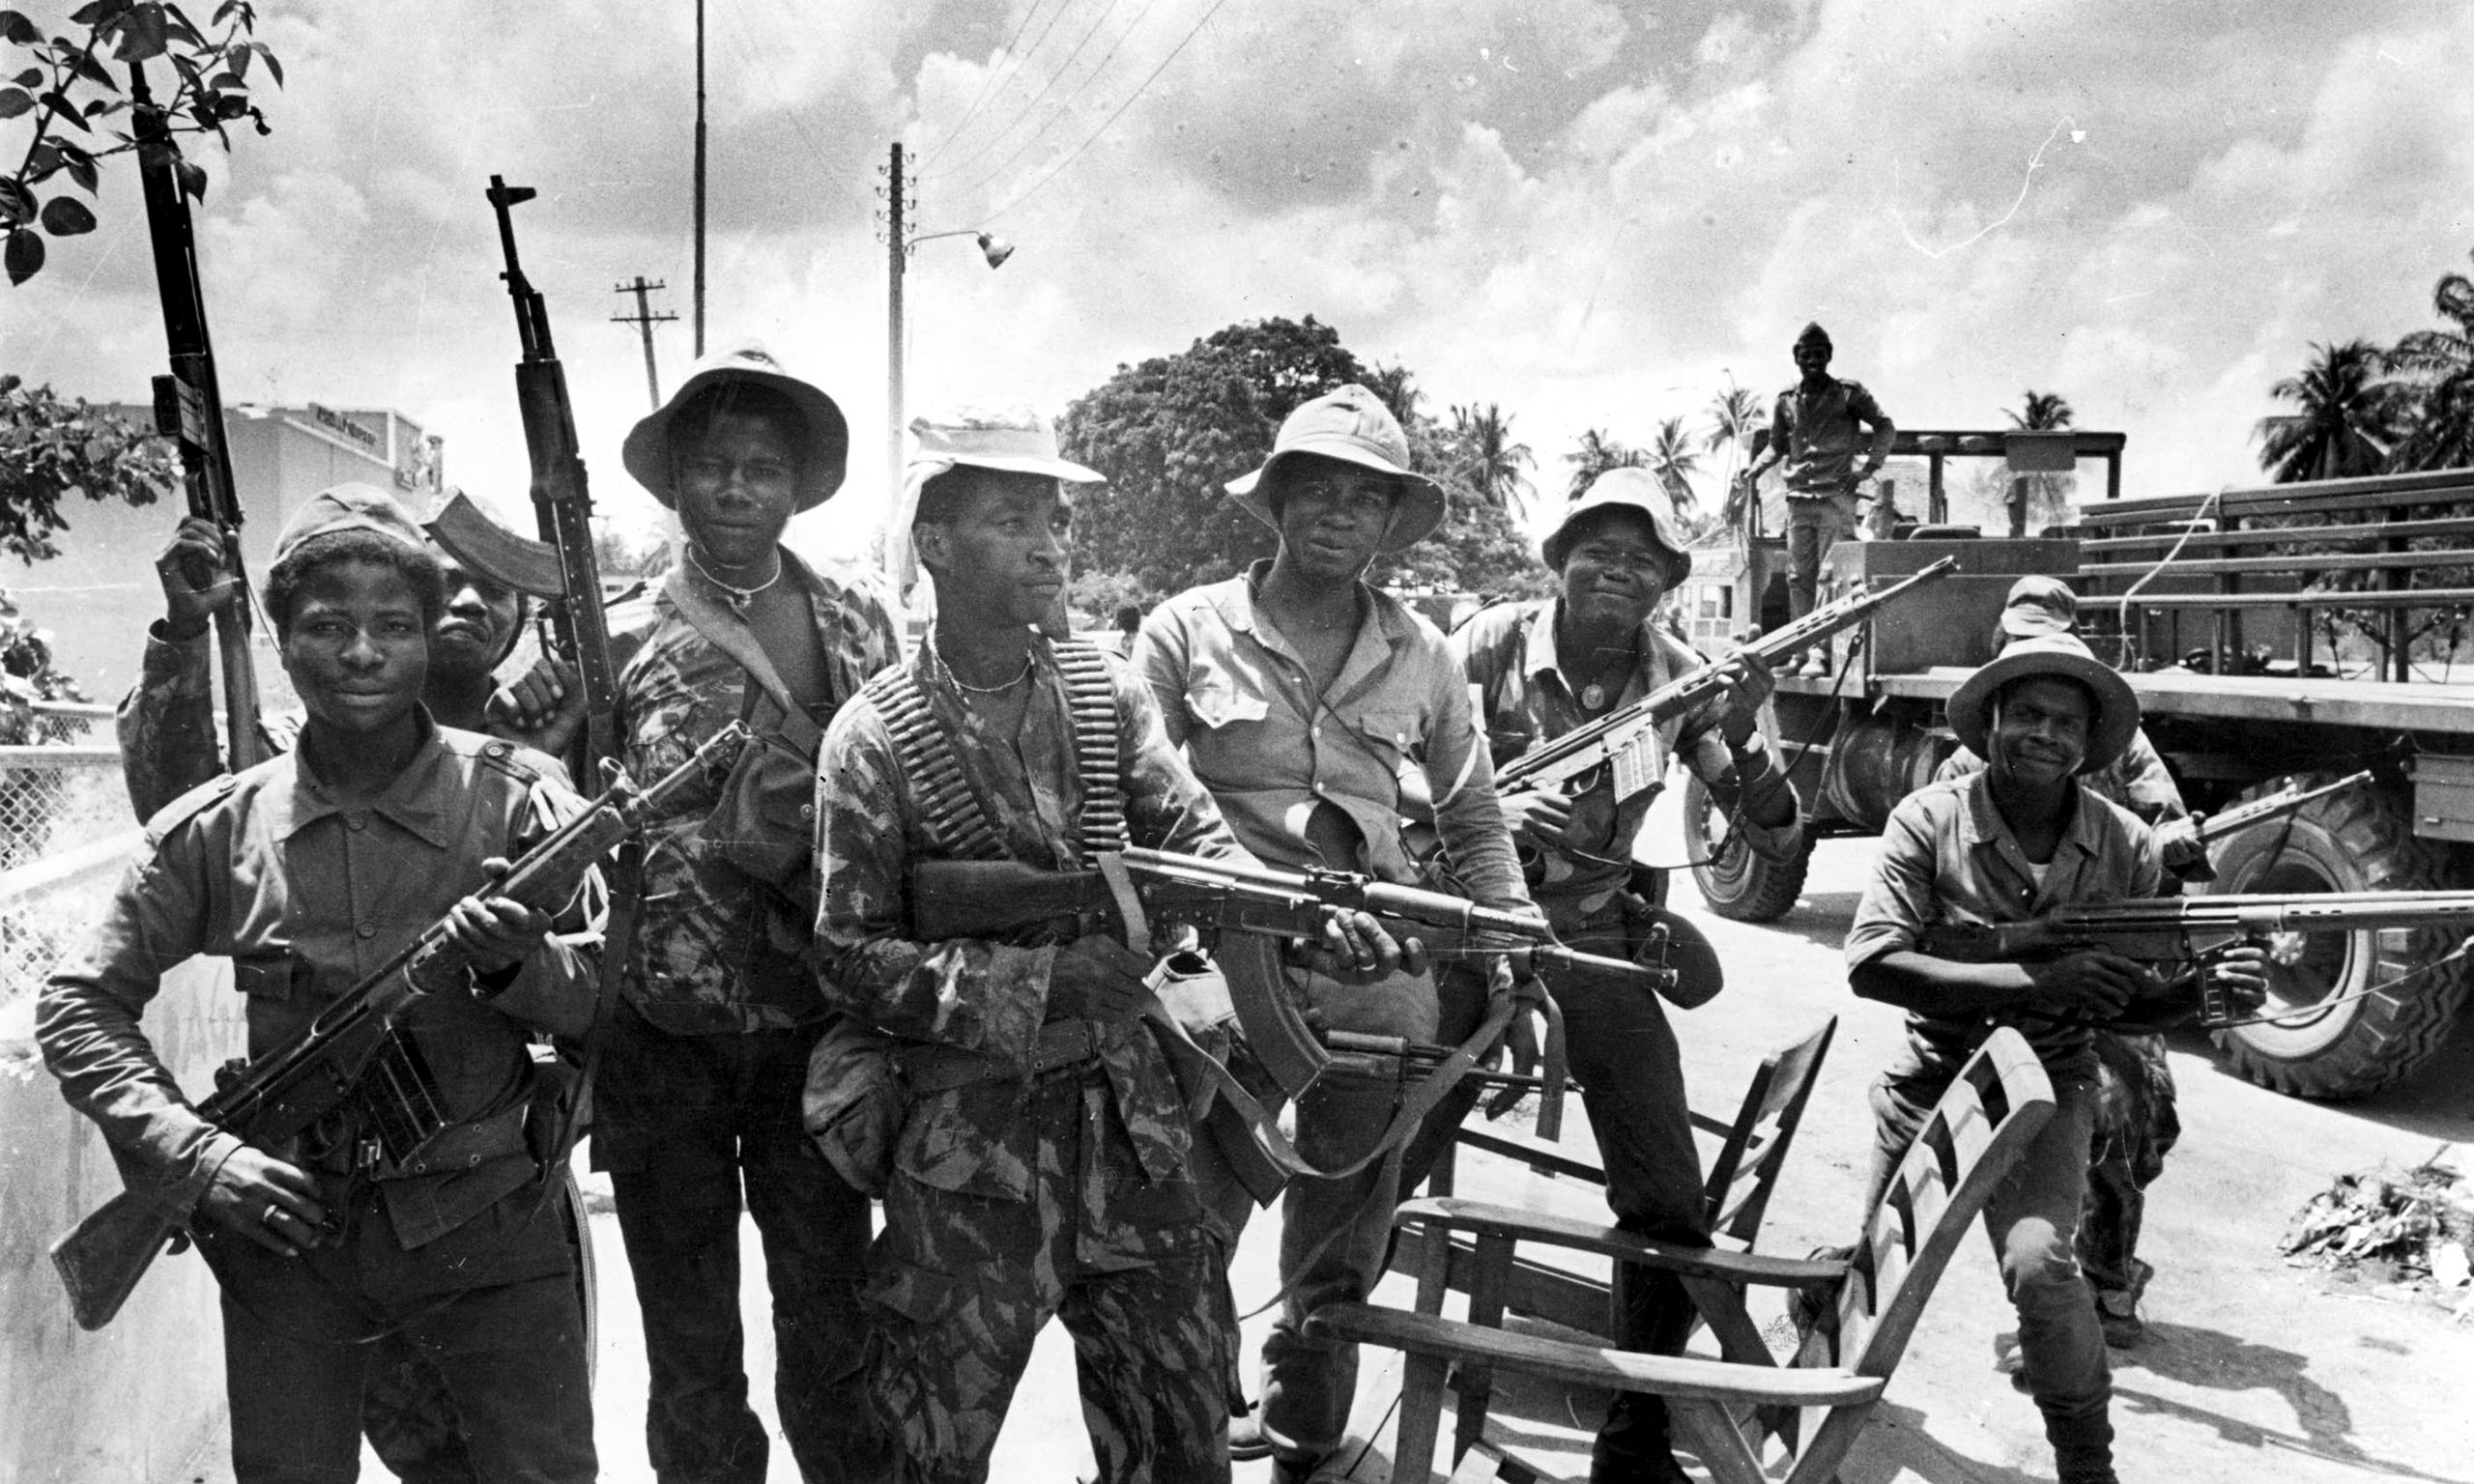 Солдаты MPLA, декабрь 1975 года. Хотя война за независимость закончилась еще в ноябре, армия Анголы продолжала боевые действия – только теперь она воевала уже против своих политических противников, отказавшихся признать власть MPLA, и сложить оружие. Эта война продолжалась почти 27 лет – в два раза дольше, чем прошлая.